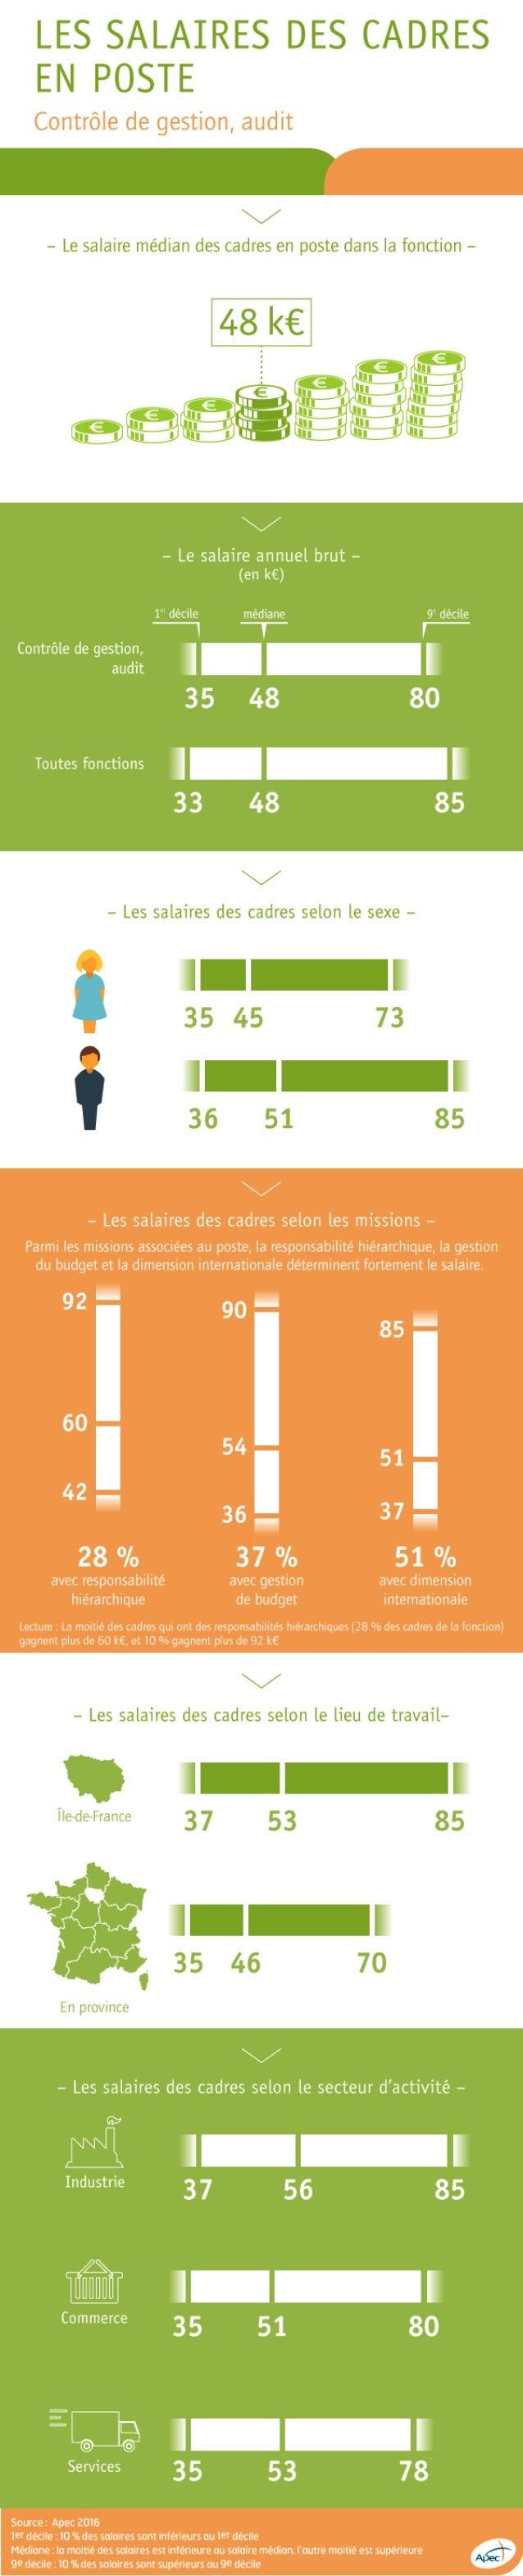 Infographie Apec - Salaires des cadres en poste dans la fonction contrôle de gestion, audit